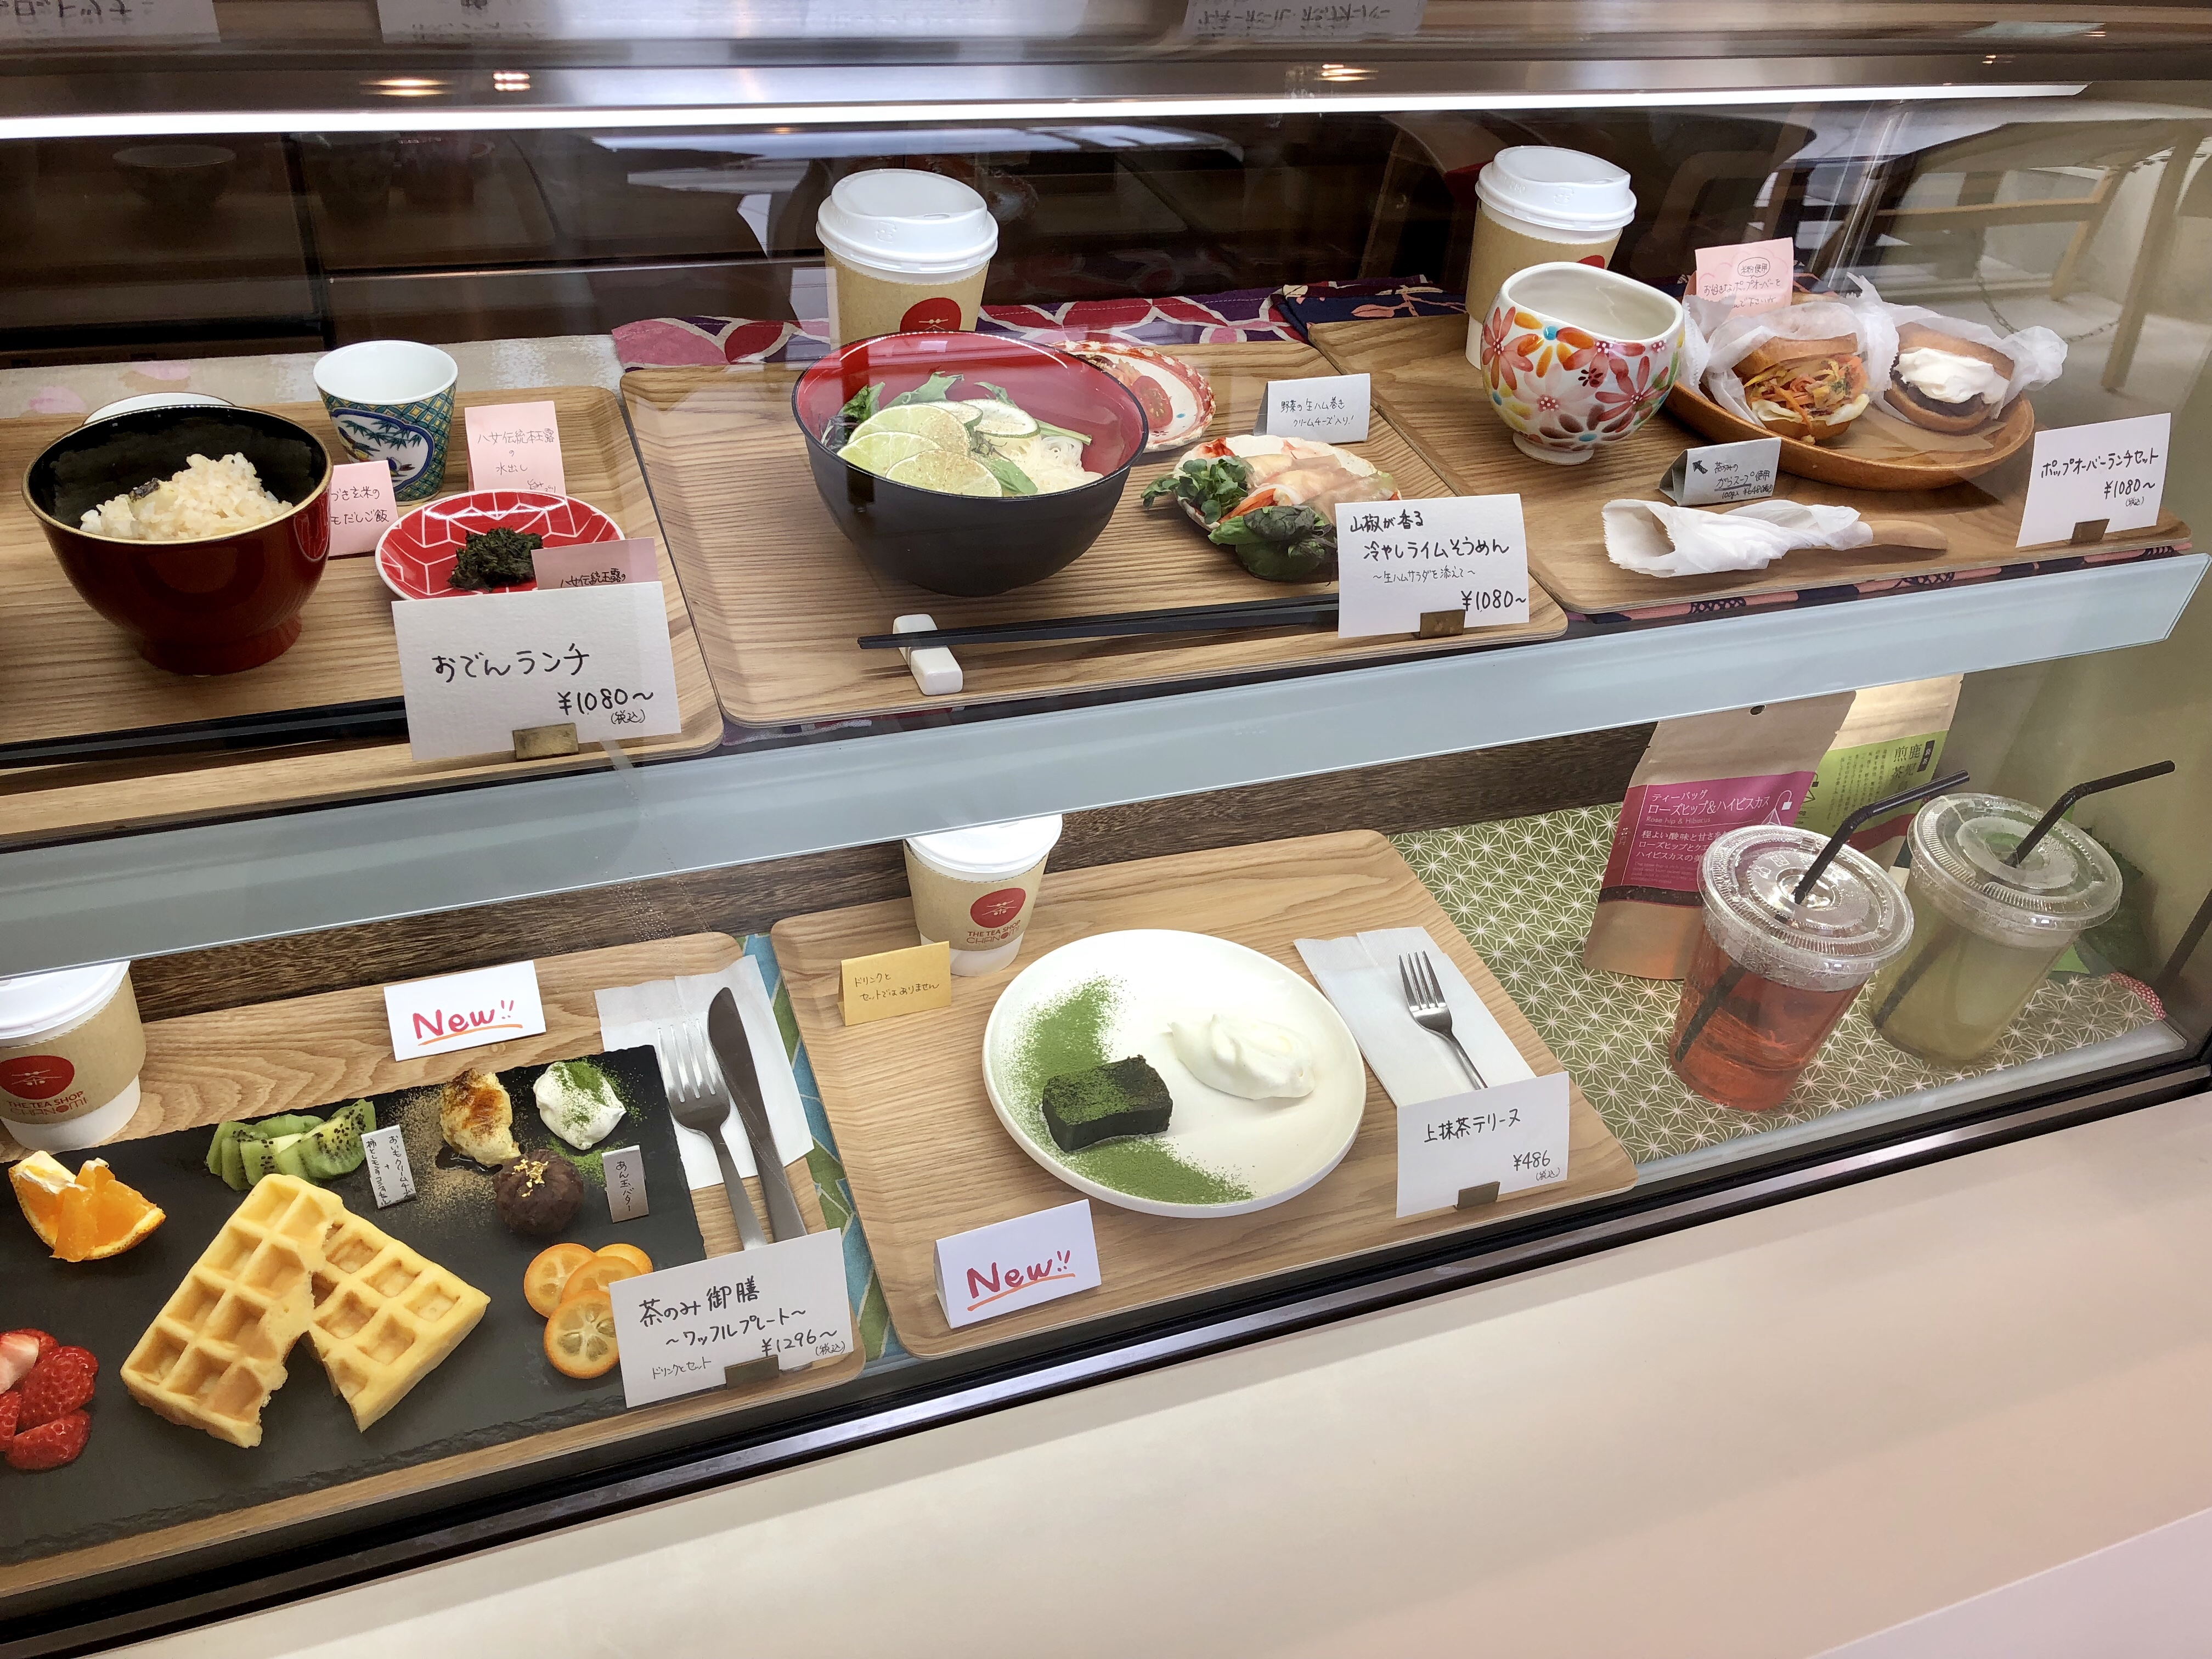 金沢の和カフェの茶のみのぜんざい